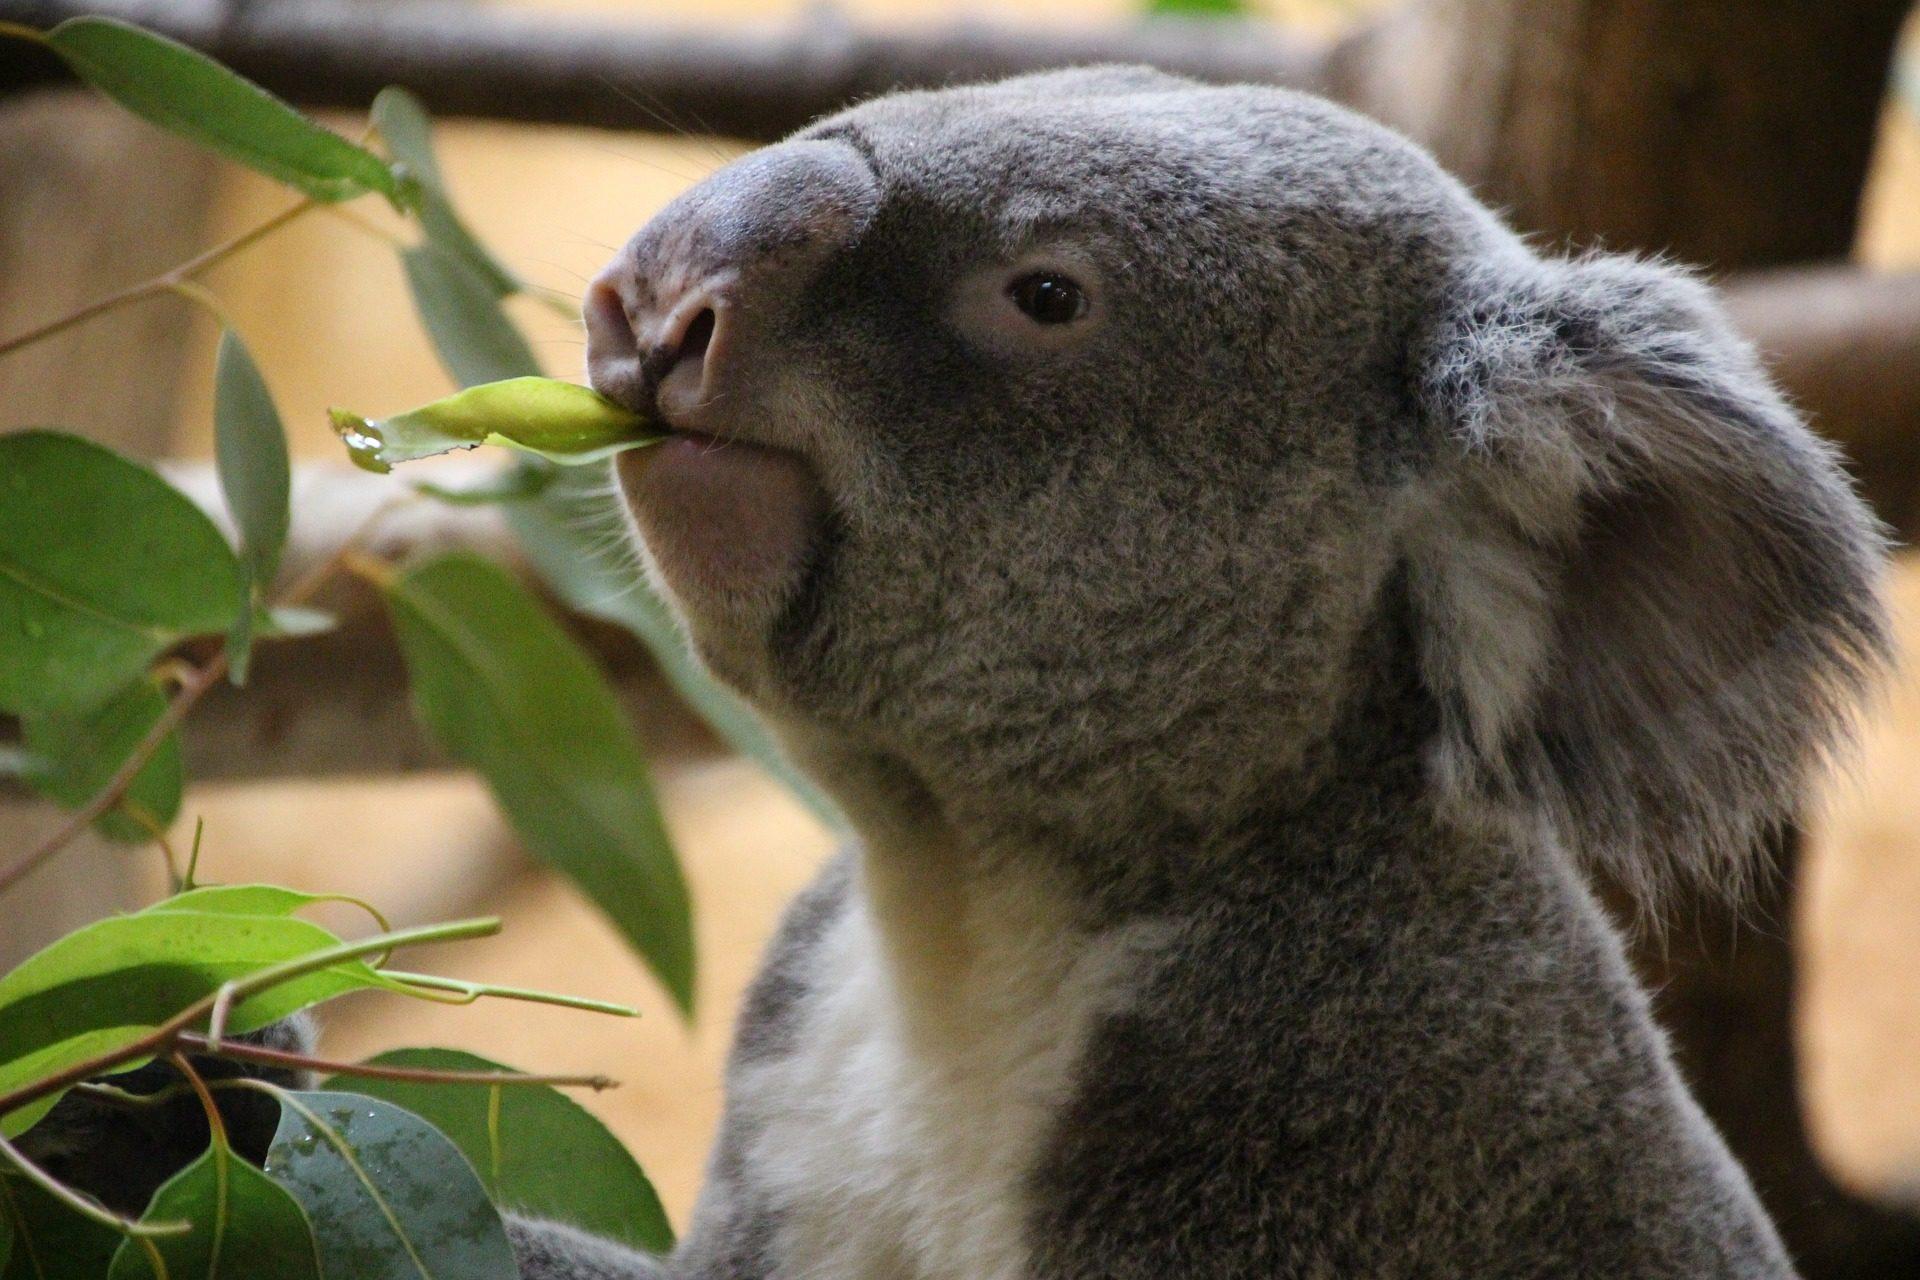 Koala, Eukalyptus, Essen, Australien, Zoo - Wallpaper HD - Prof.-falken.com